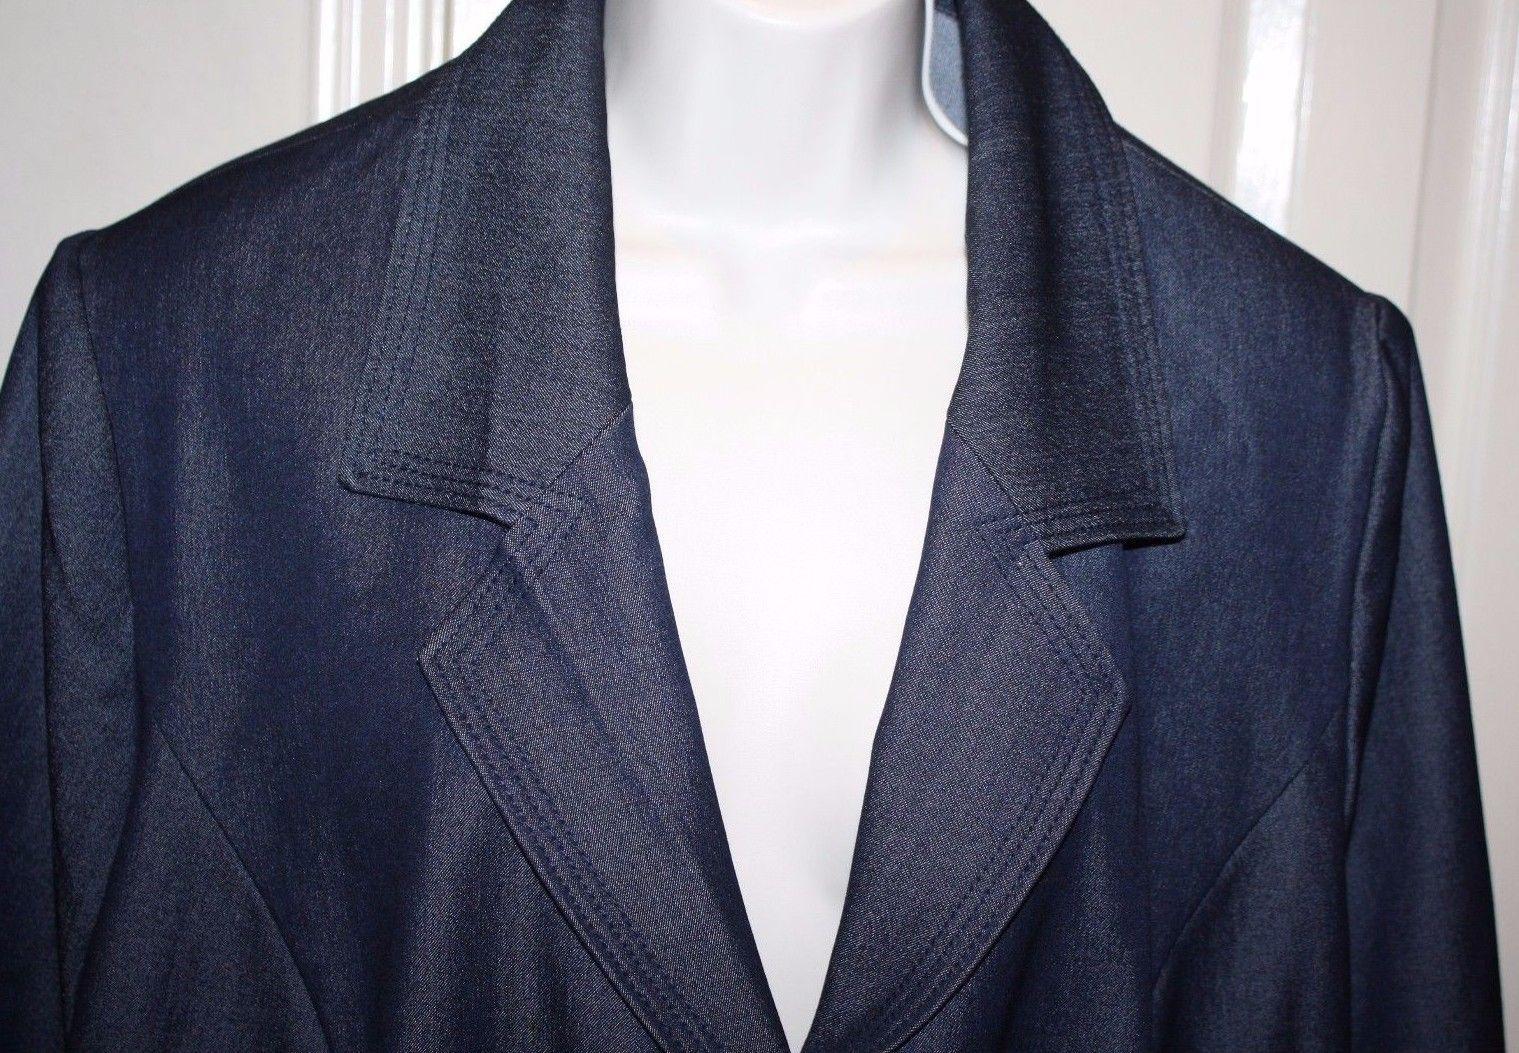 9decf787c7ac0 Lane Bryant Blue Denim Suit Jacket Blazer Plus Size 28 Business 3 Button  Classic